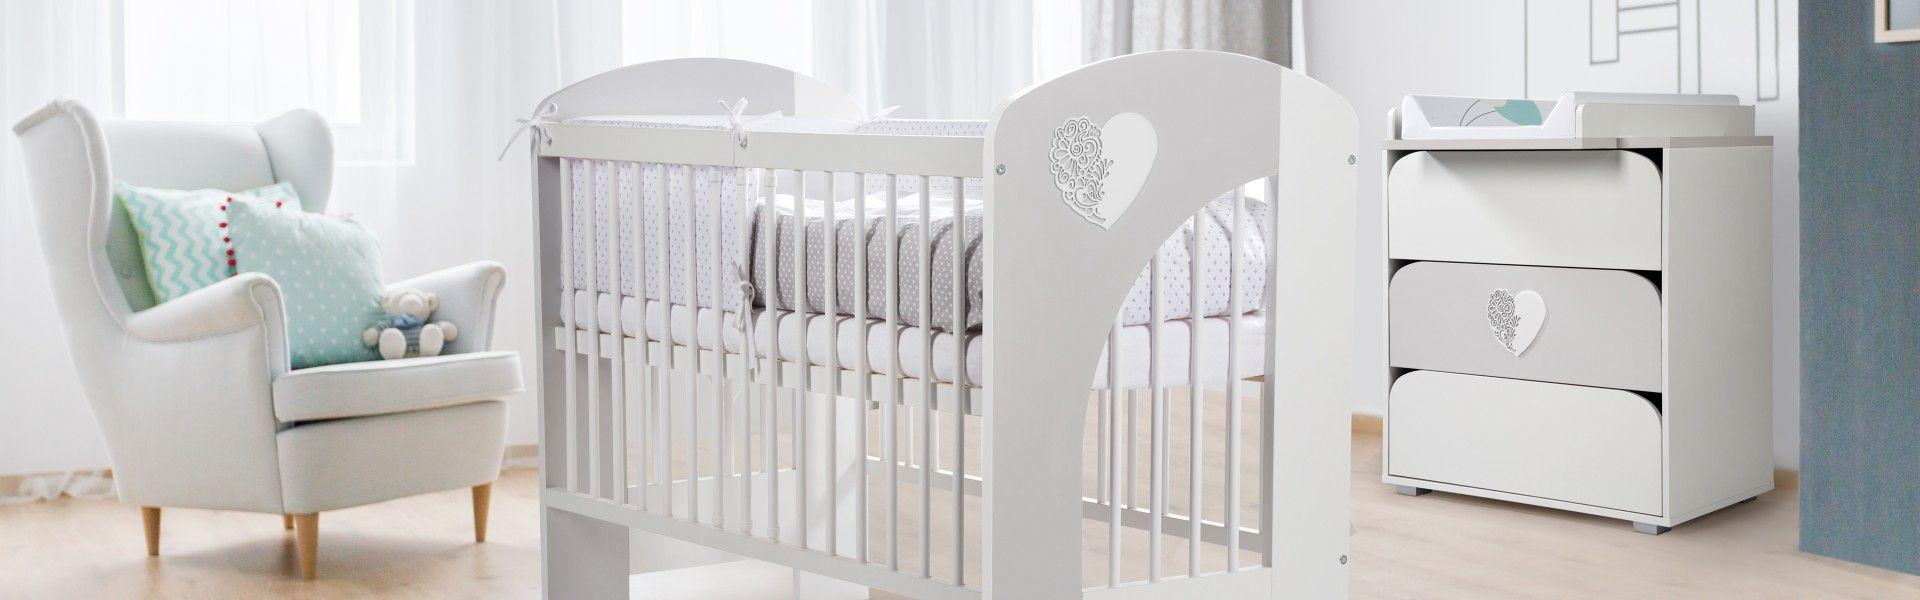 Arredamento per neonati-Niel